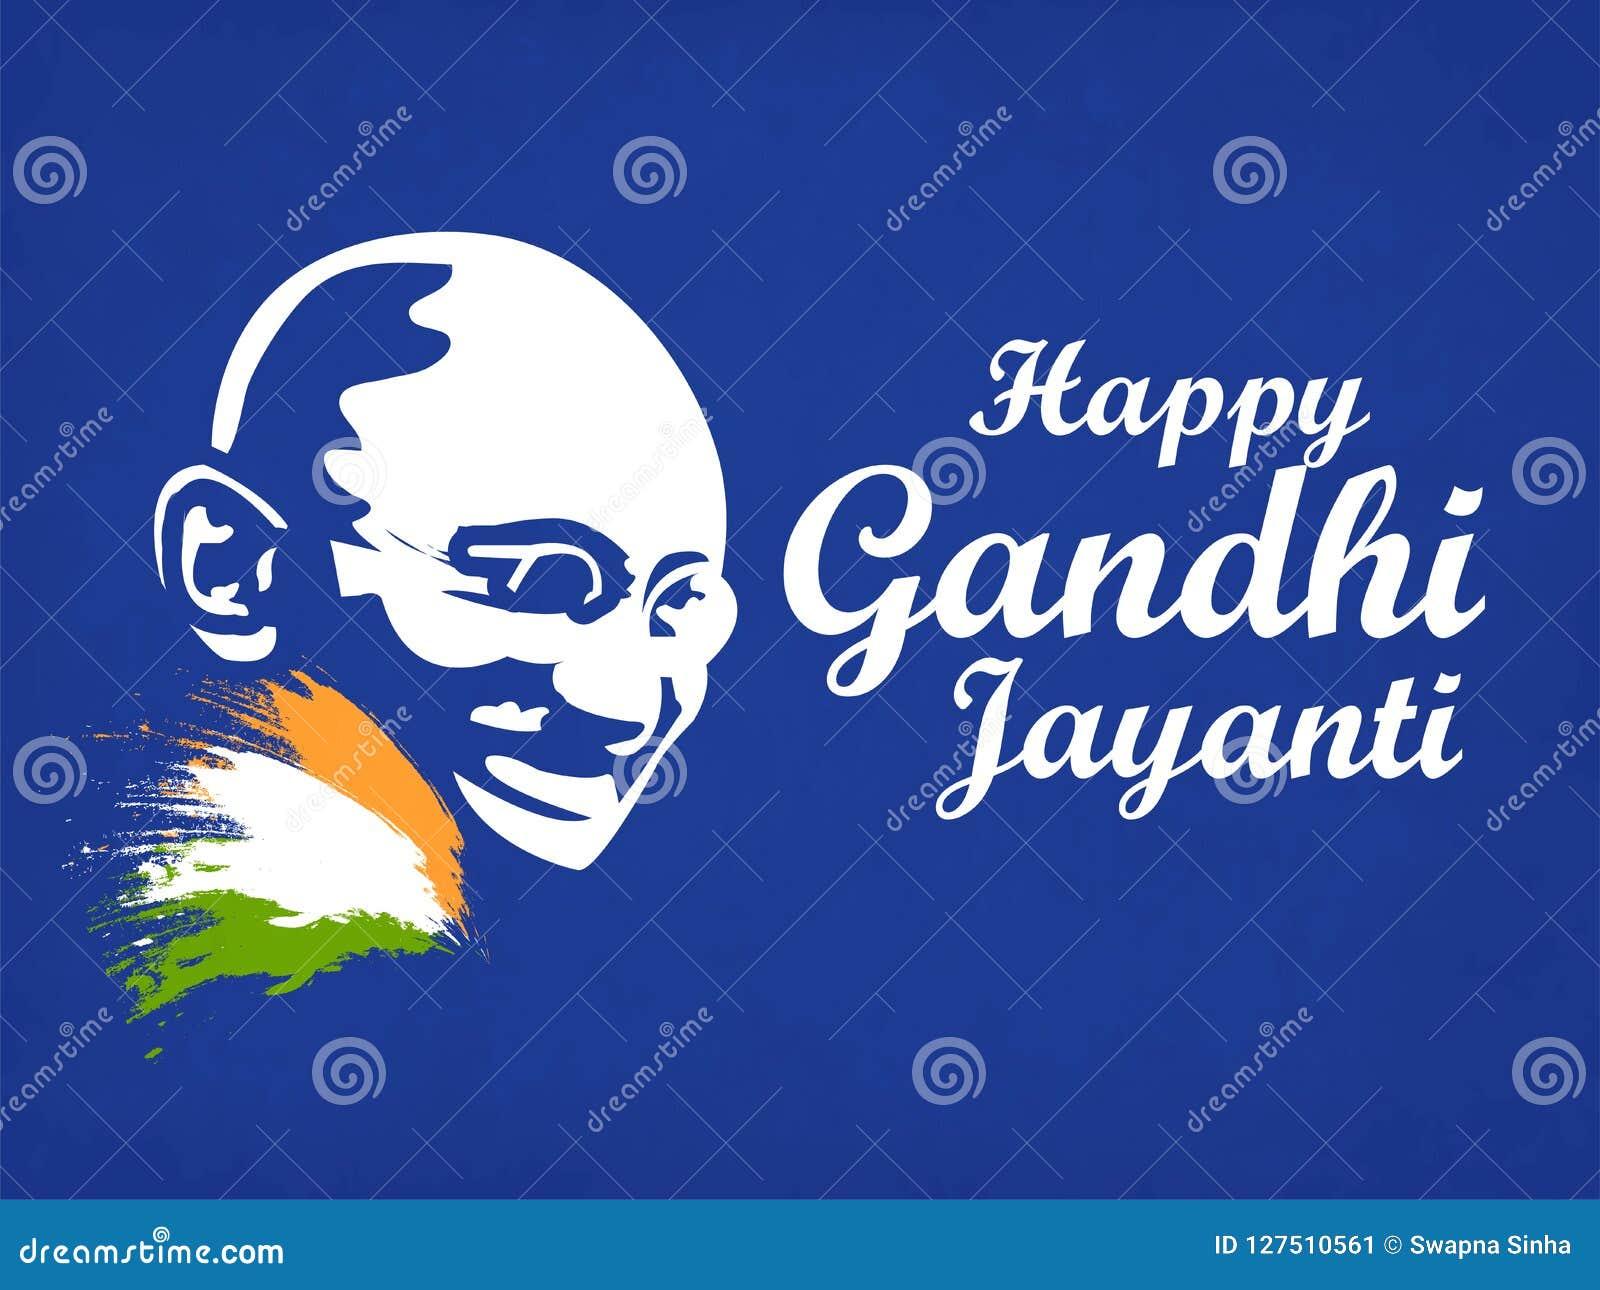 2 Oktober Gandhi Jayanti